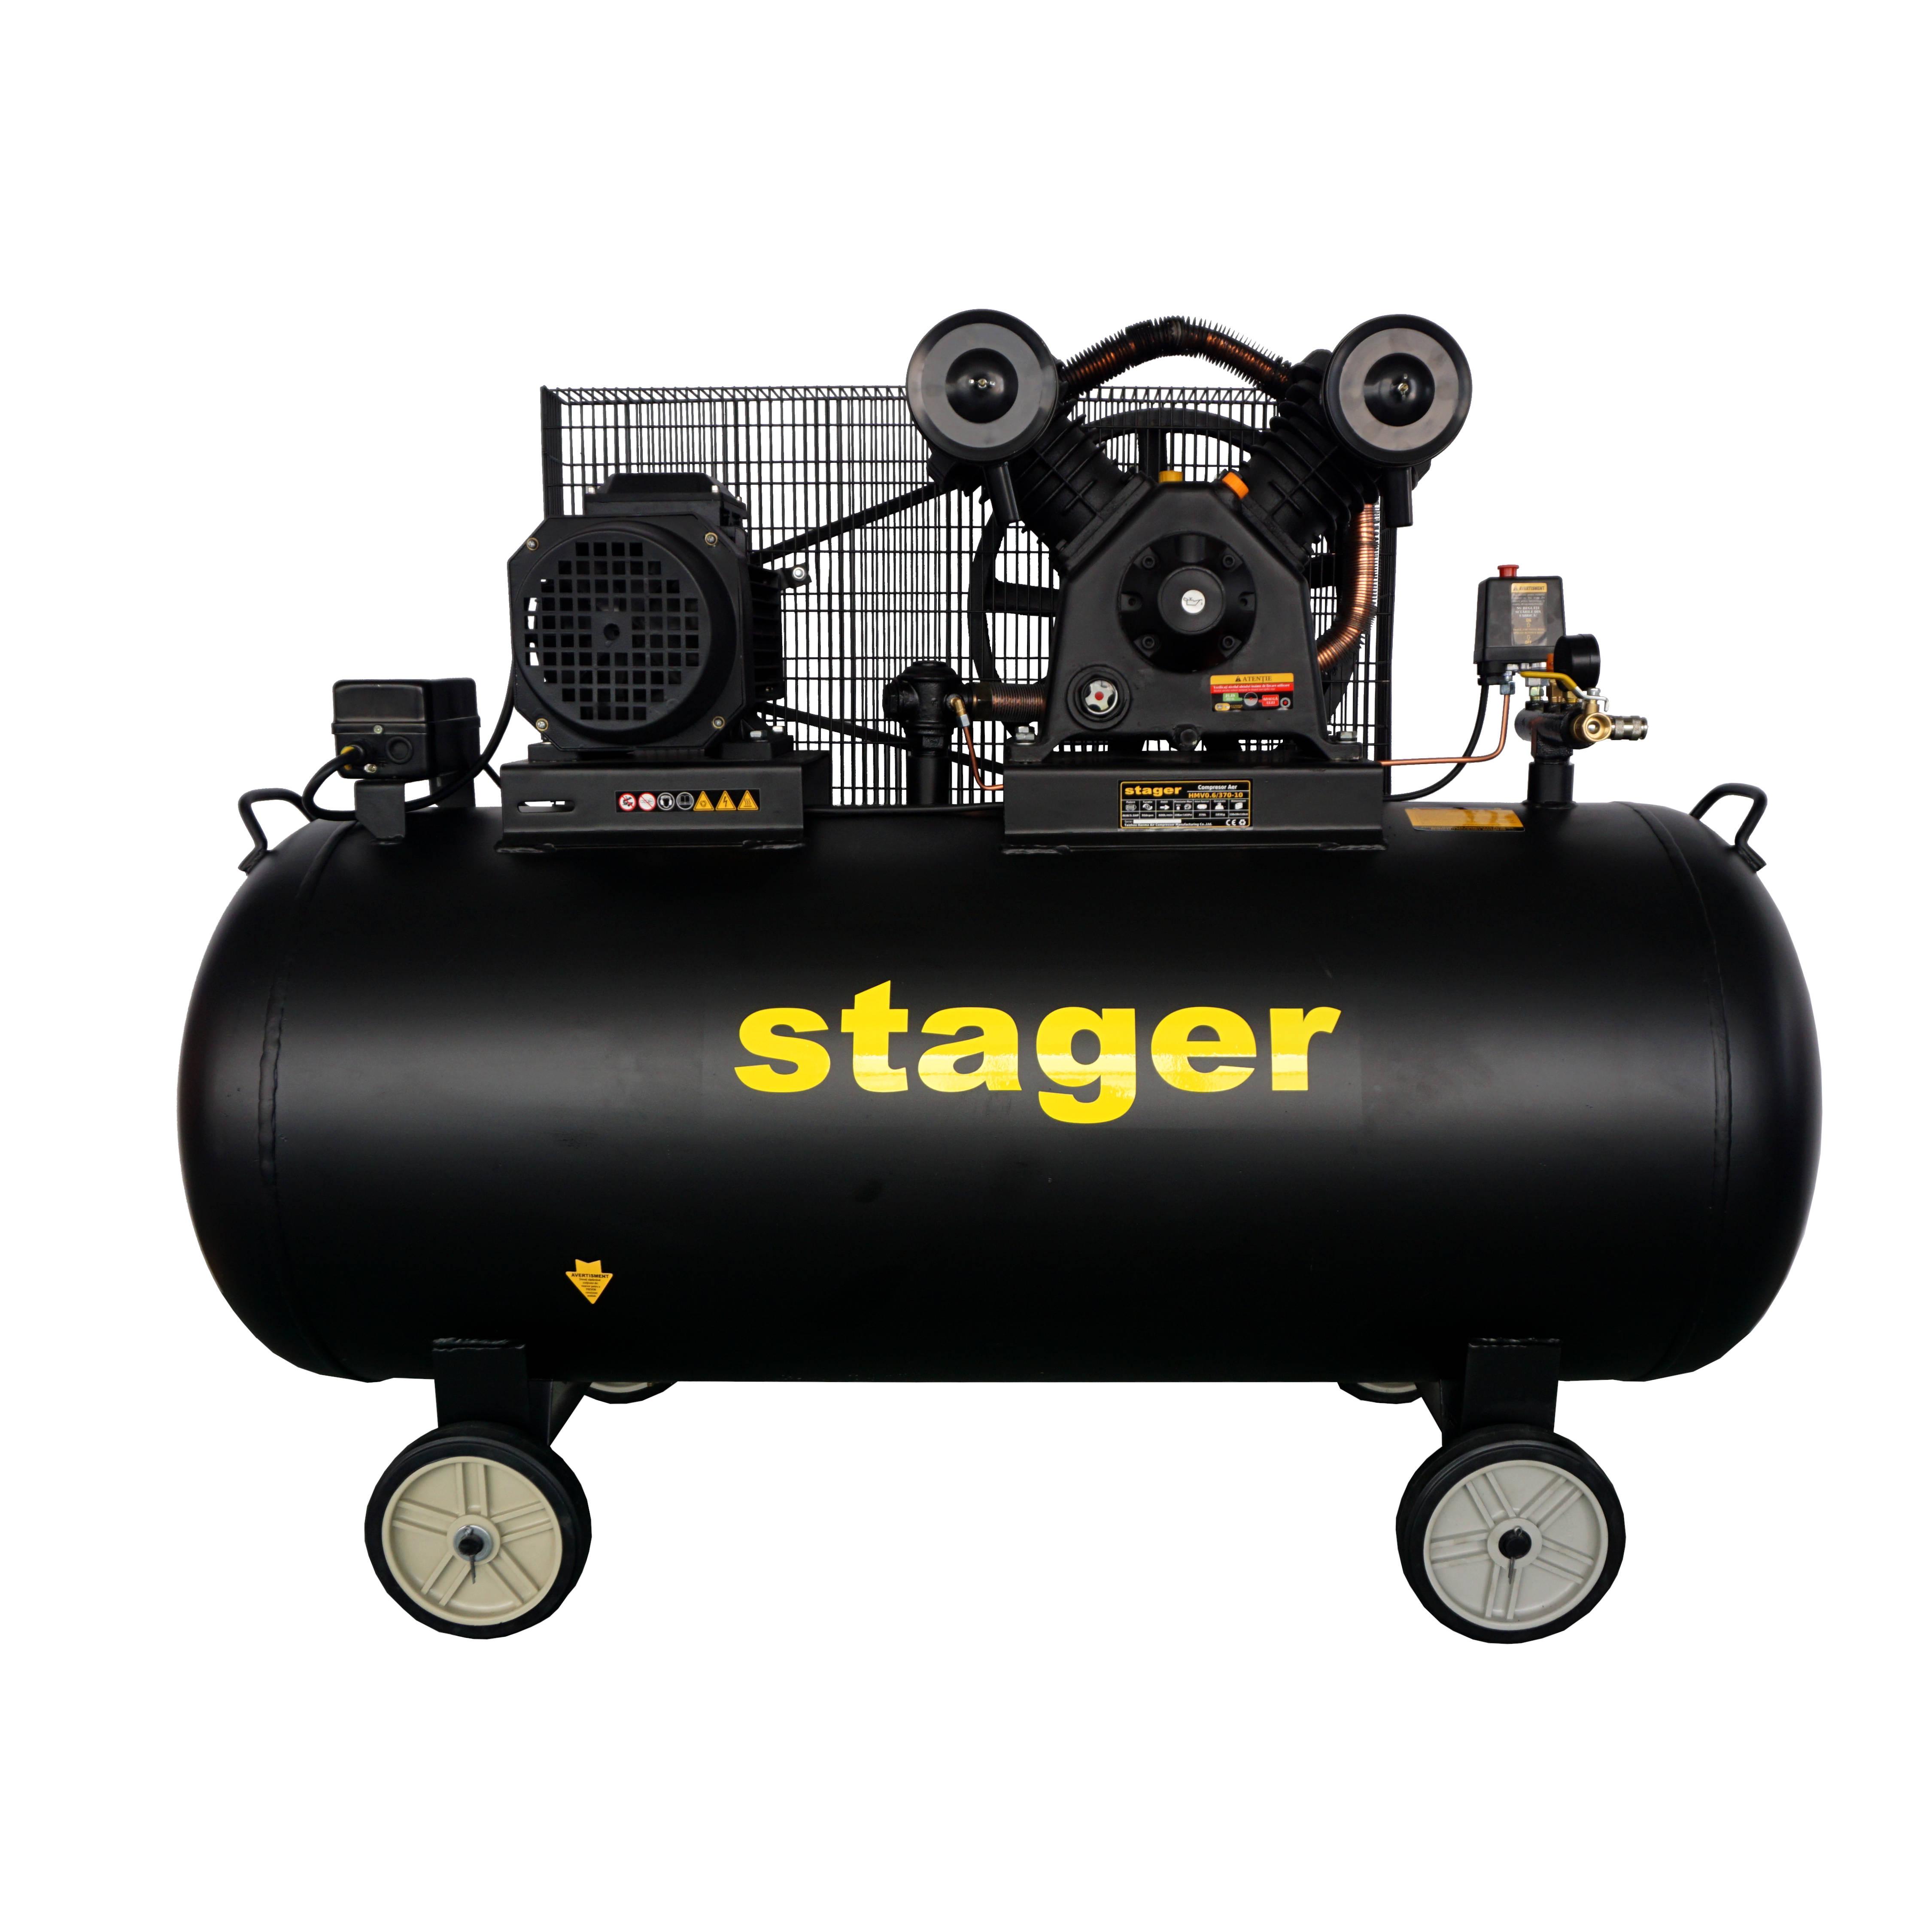 Compresor aer Stager HMV0.6/370-10, 370L, 10bar, 600L/min, trifazat, angrenare curea 0